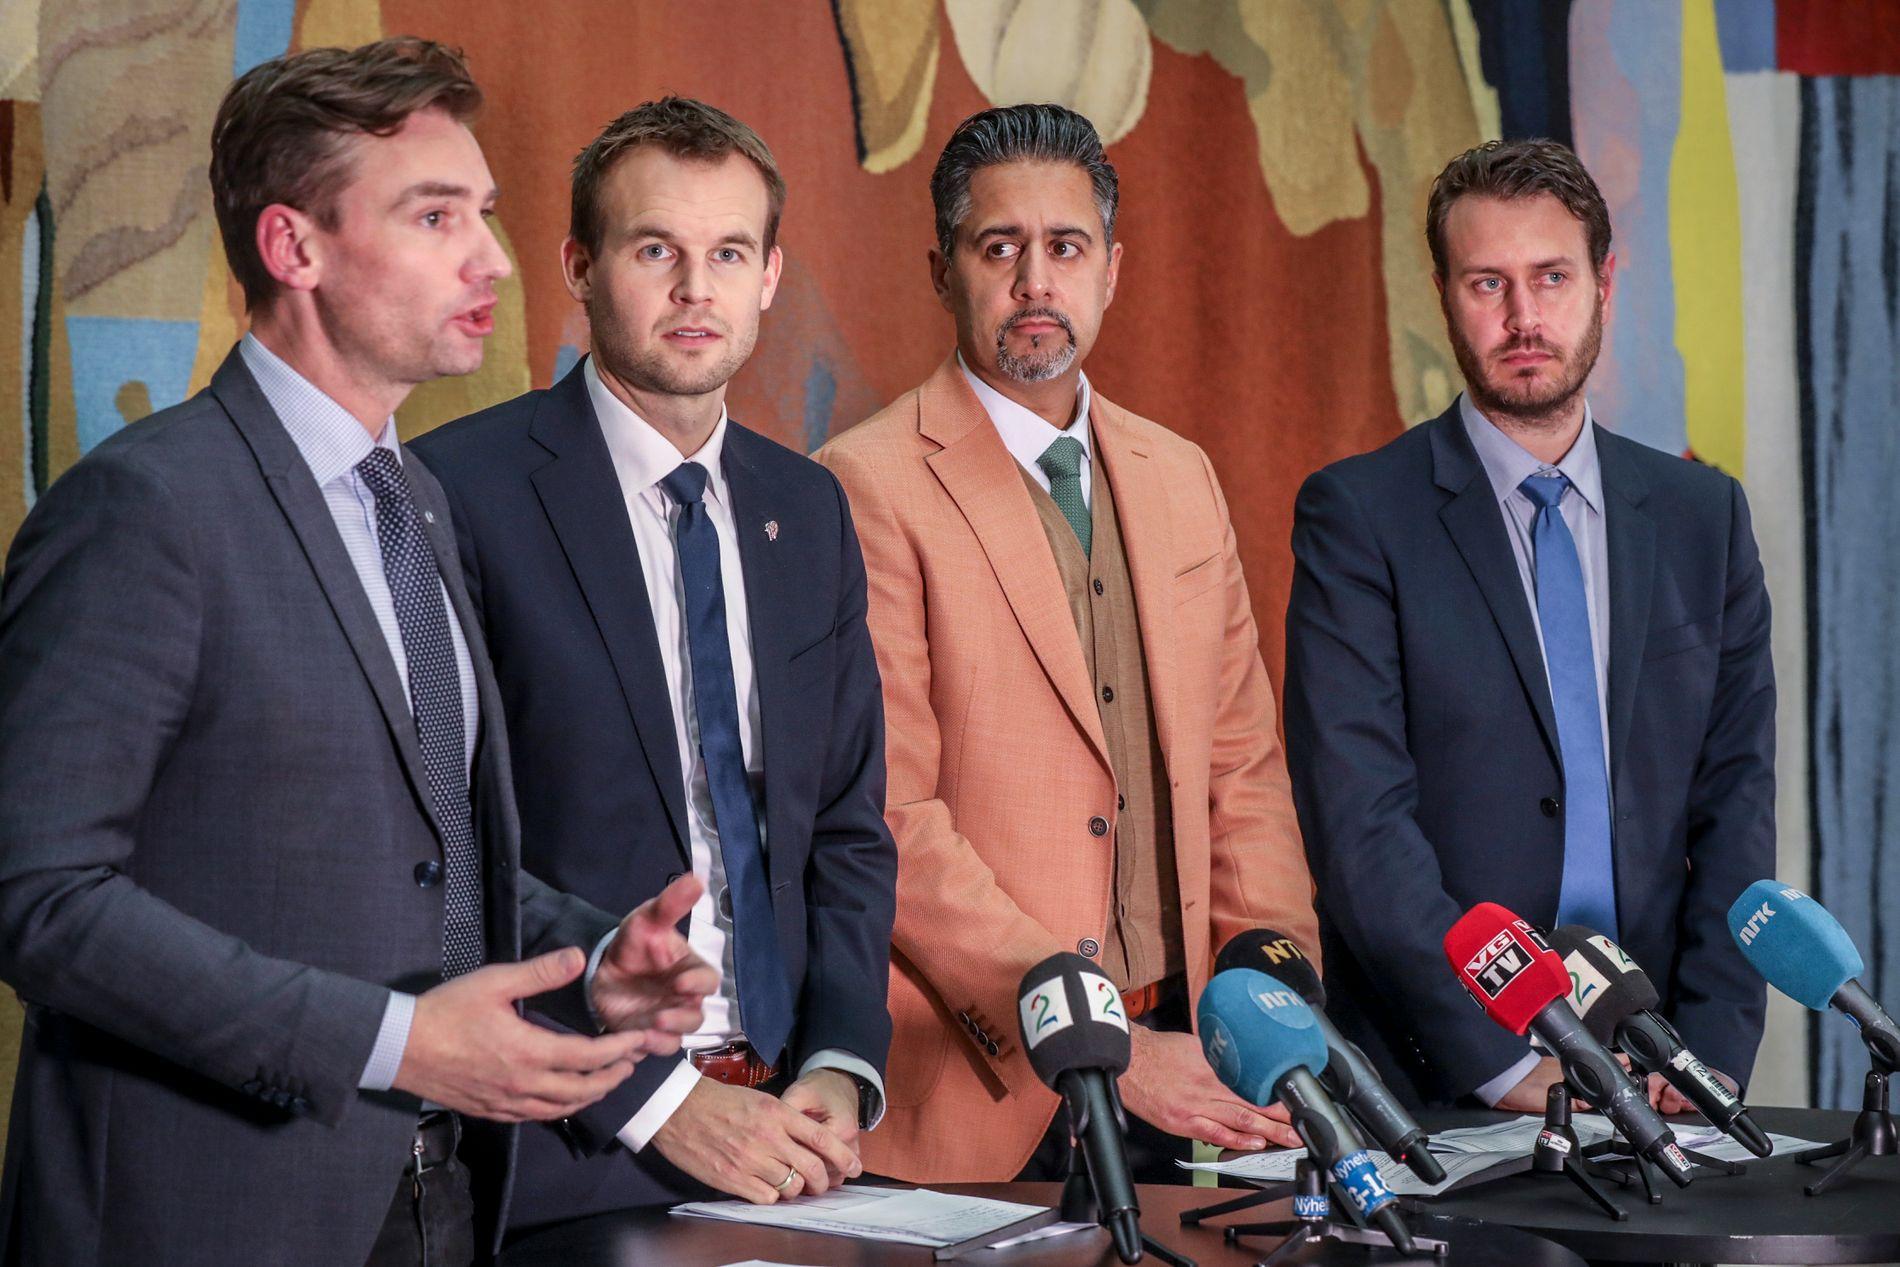 KOM TIL ENIGHET: De fire partiene ble etter flere forhandlingsmøter enige om skisse til statsbudsjettet for 2019.